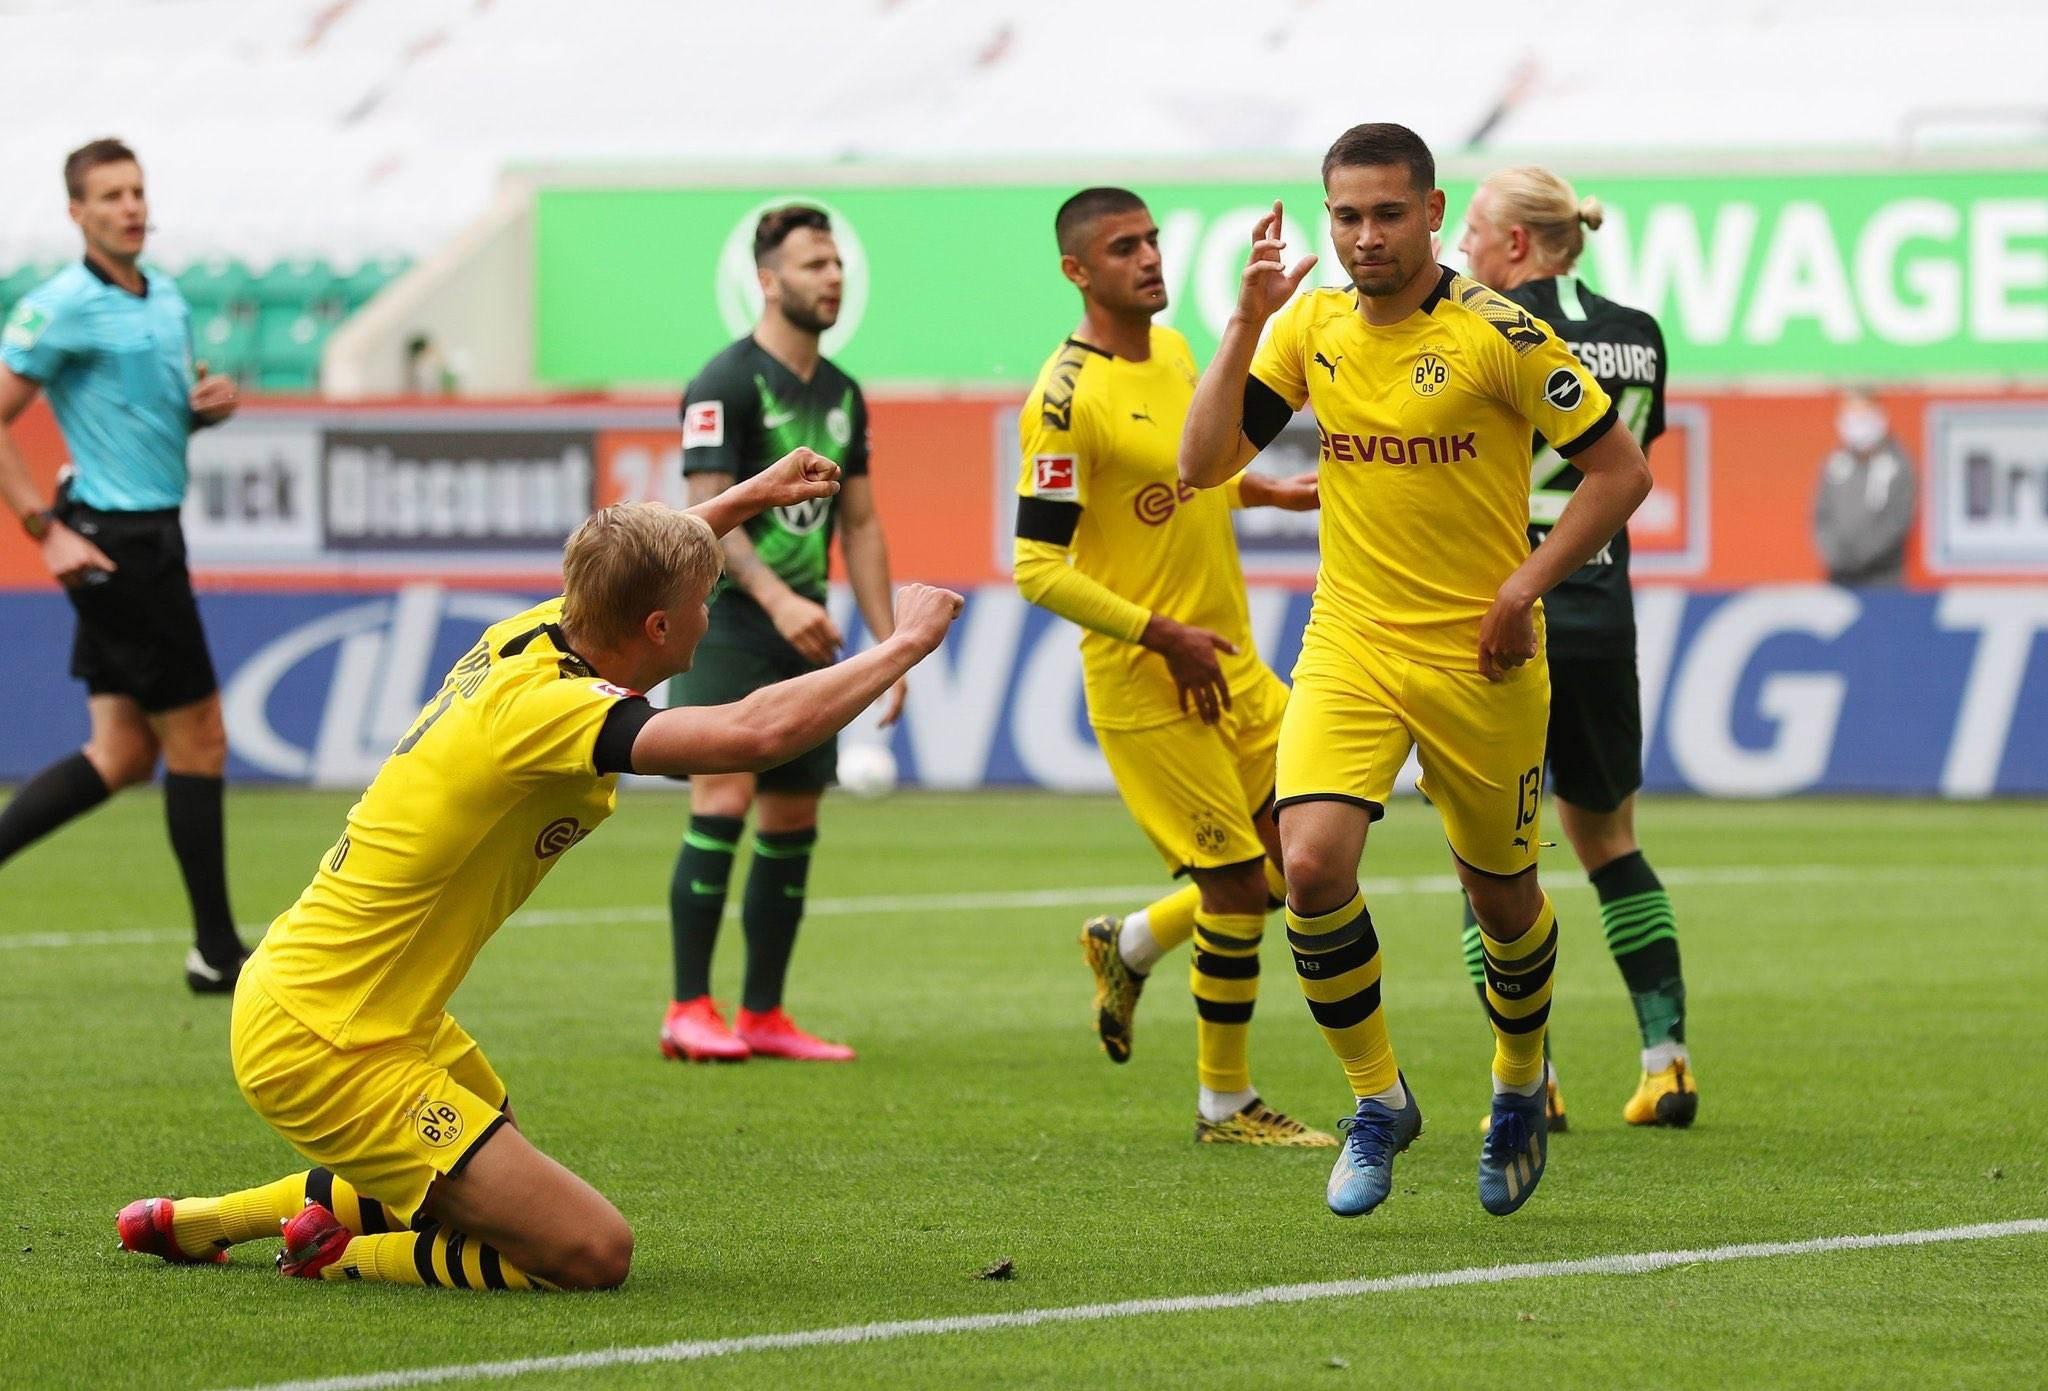 الدوري الألماني: دورتموند ينتصر وليفركوزن يخطف المركز الثالث